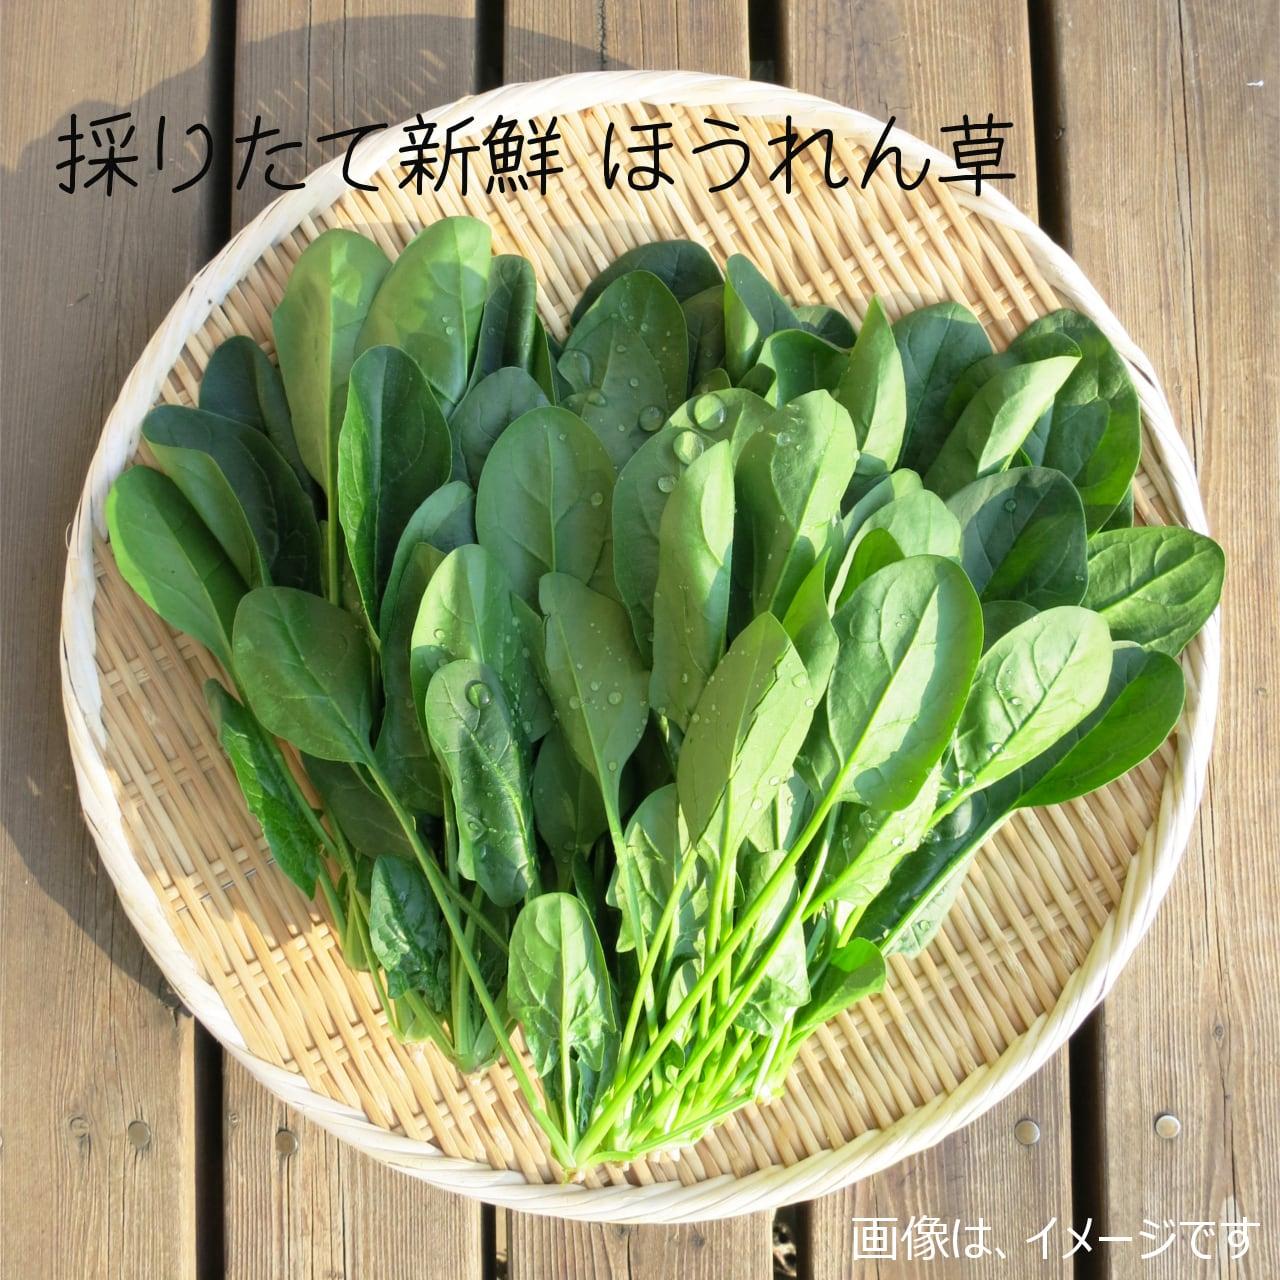 新鮮な秋野菜 : ホウレンソウ 約400g 11月の朝採り直売野菜 11月7日発送予定